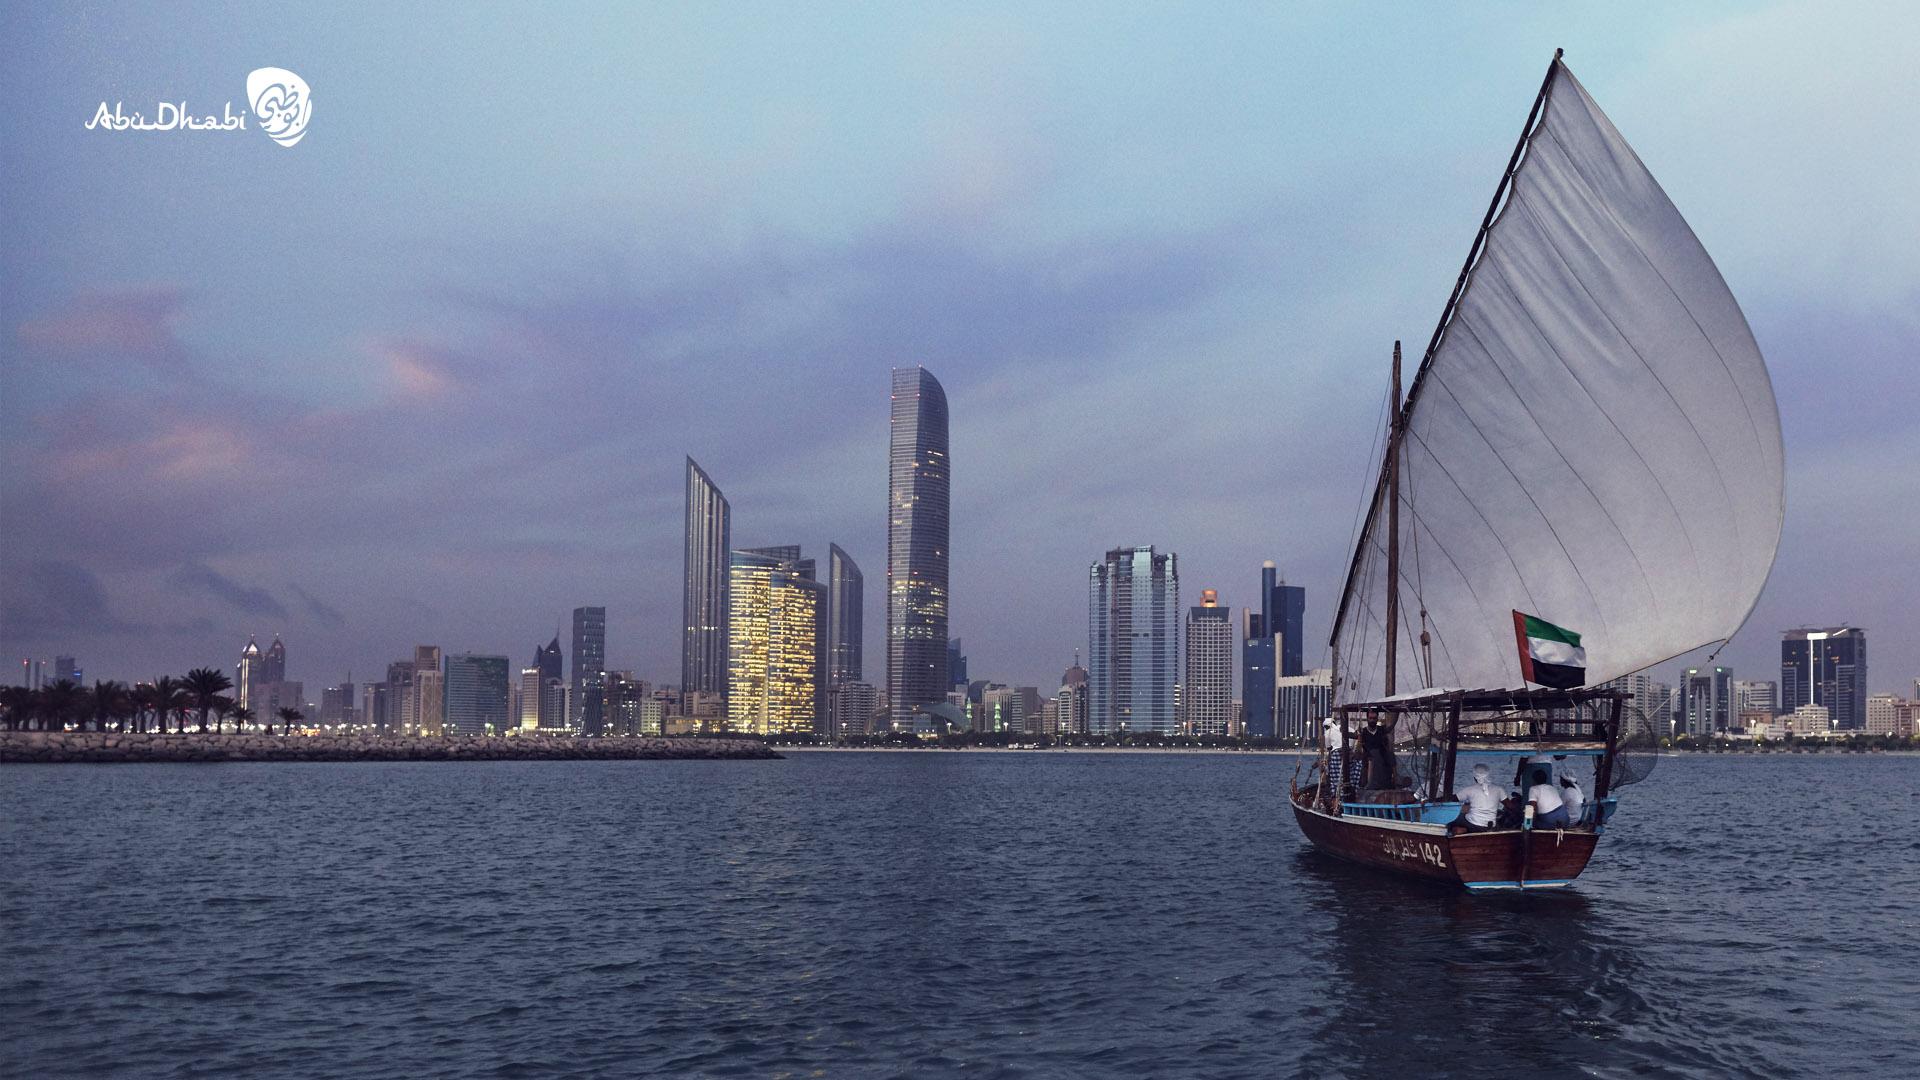 """دائرة الثقافة والسياحة – أبوظبي تطلق مبادرة """"تخيّل نفسك في أبوظبي"""" للدوائر والهيئات الحكومية"""